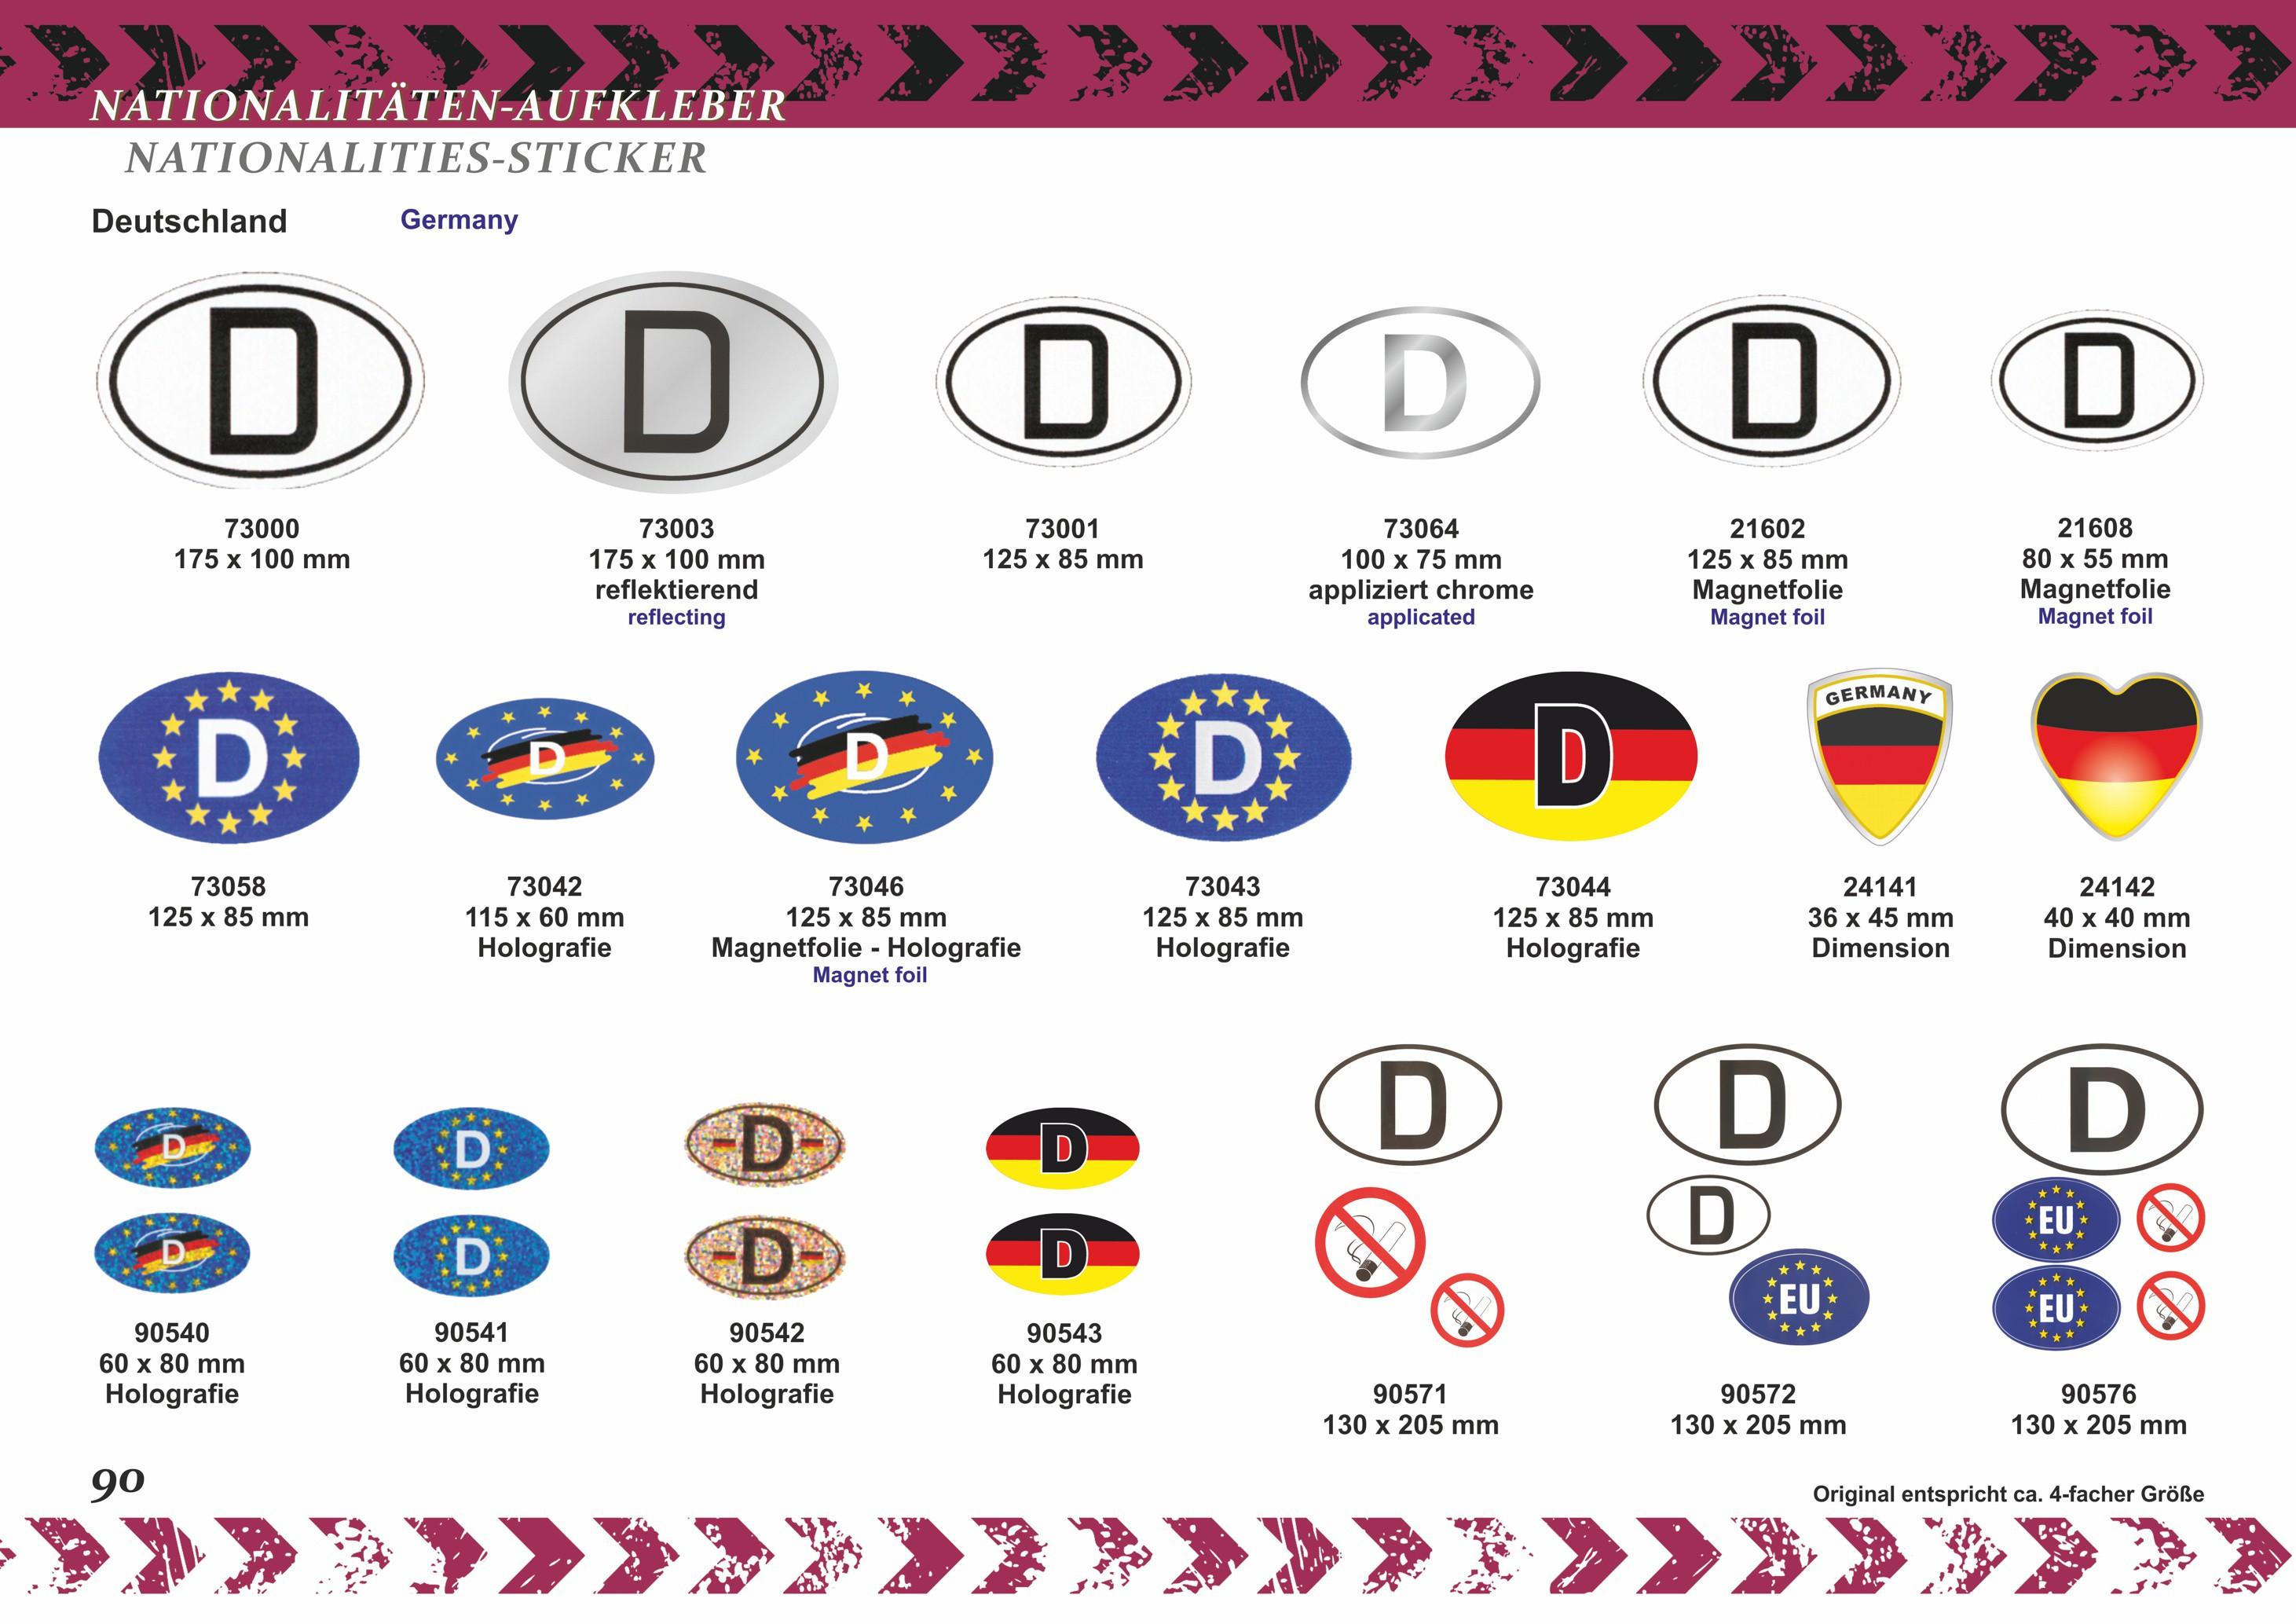 Autocollant l'Europe-D holographie Set de 2 – Bild 4